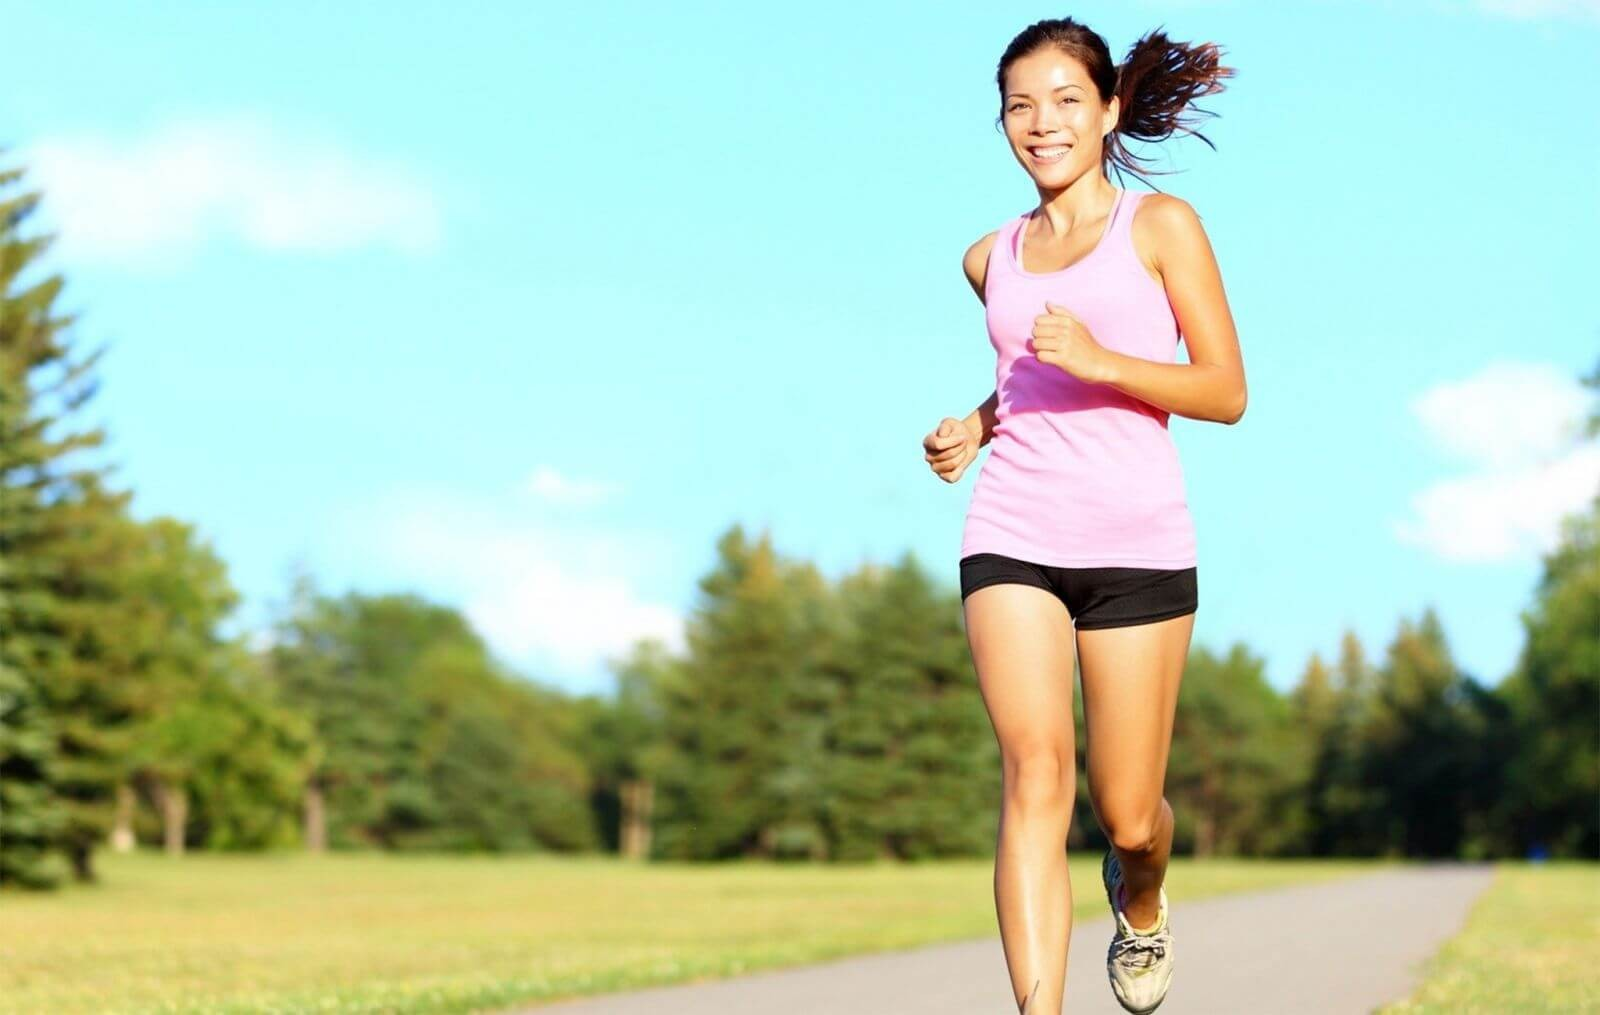 Chạy bộ có tác dụng gì? Có nên chạy bộ thường xuyên mỗi ngày không?